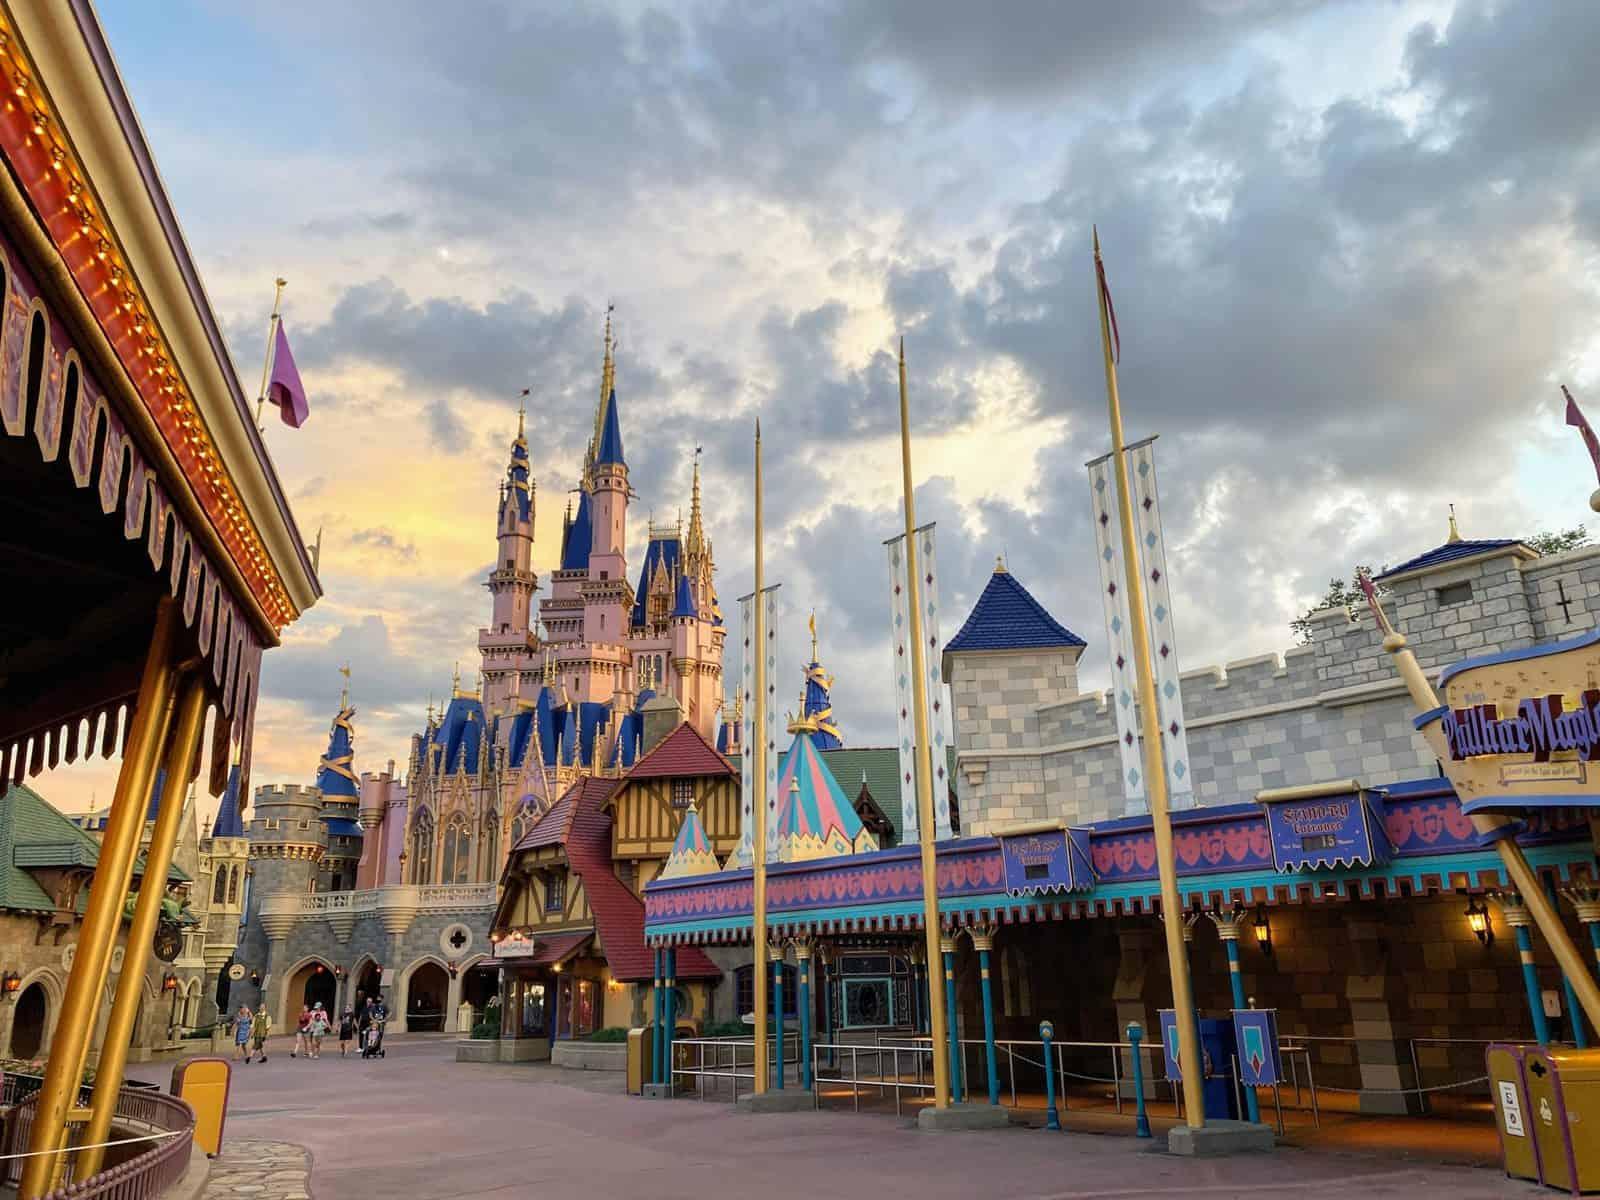 Fantasyland Cinderella Castle from the back